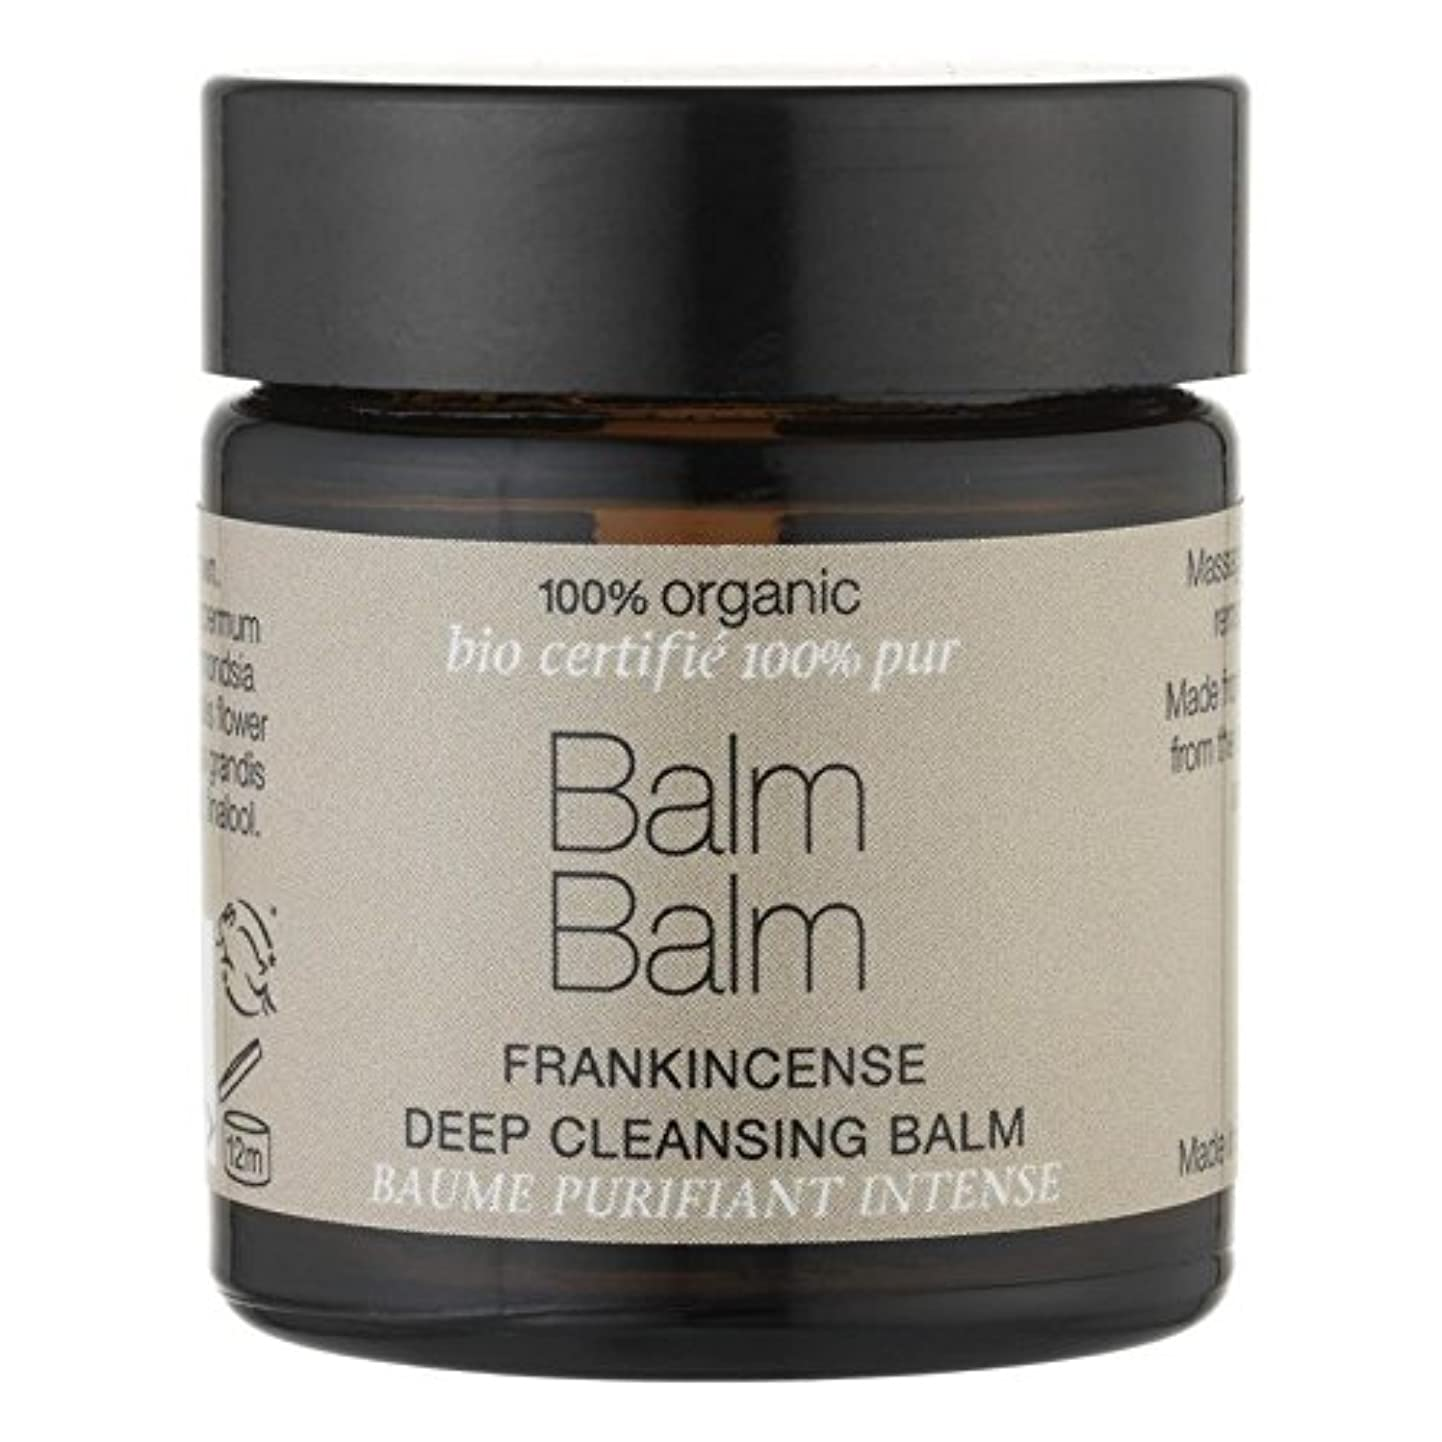 予防接種コロニアル滅多バームバーム乳香有機ディープクレンジングクリーム30ミリリットル x2 - Balm Balm Frankincense Organic Deep Cleansing Balm 30ml (Pack of 2) [並行輸入品]